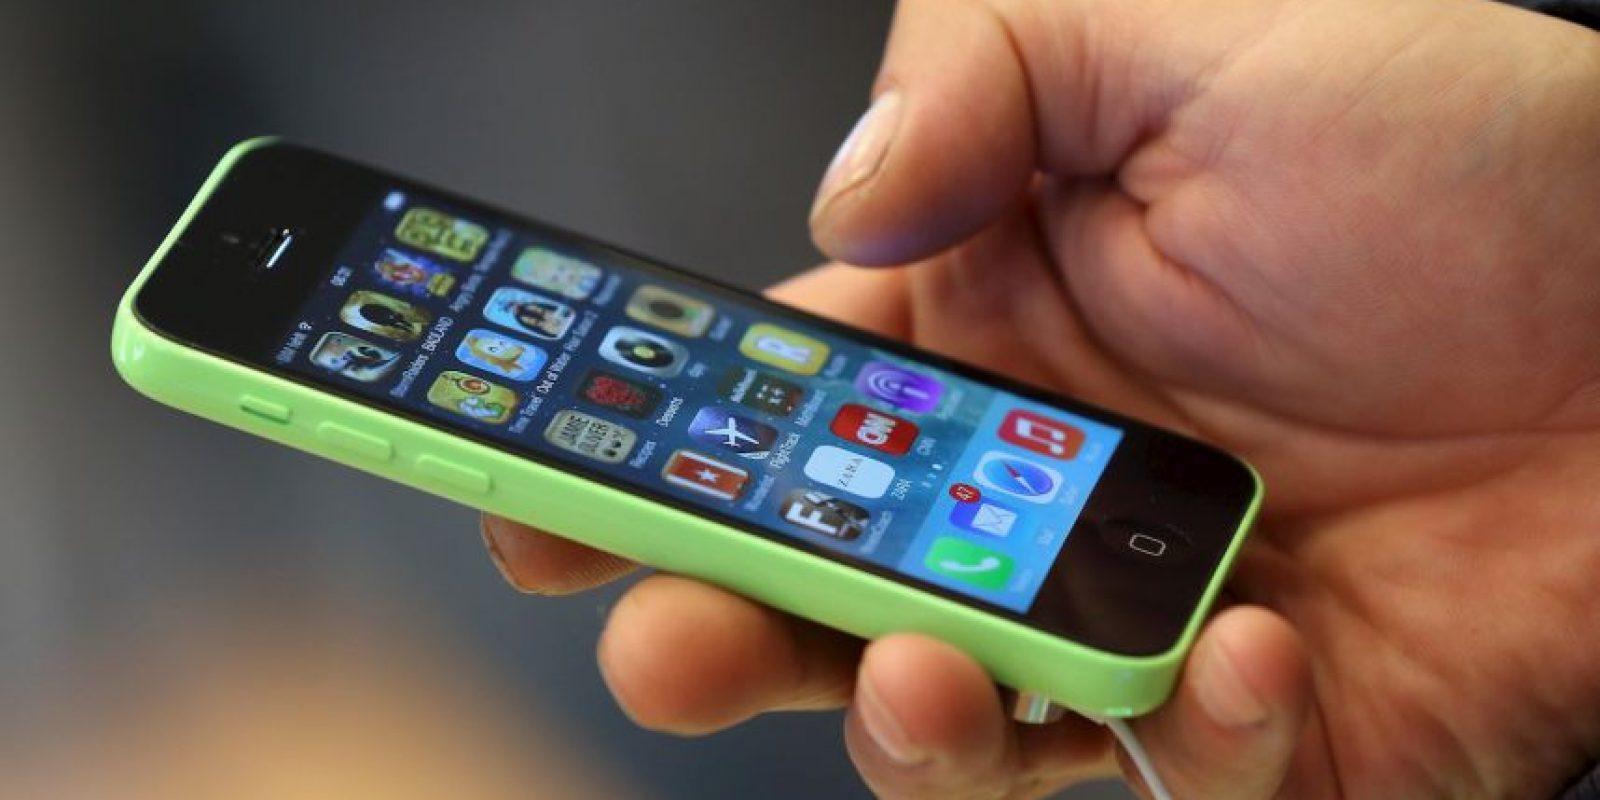 Las empresas no obligarán a los empleados a proporcionar el número y correo electrónico personal. Foto:Getty Images